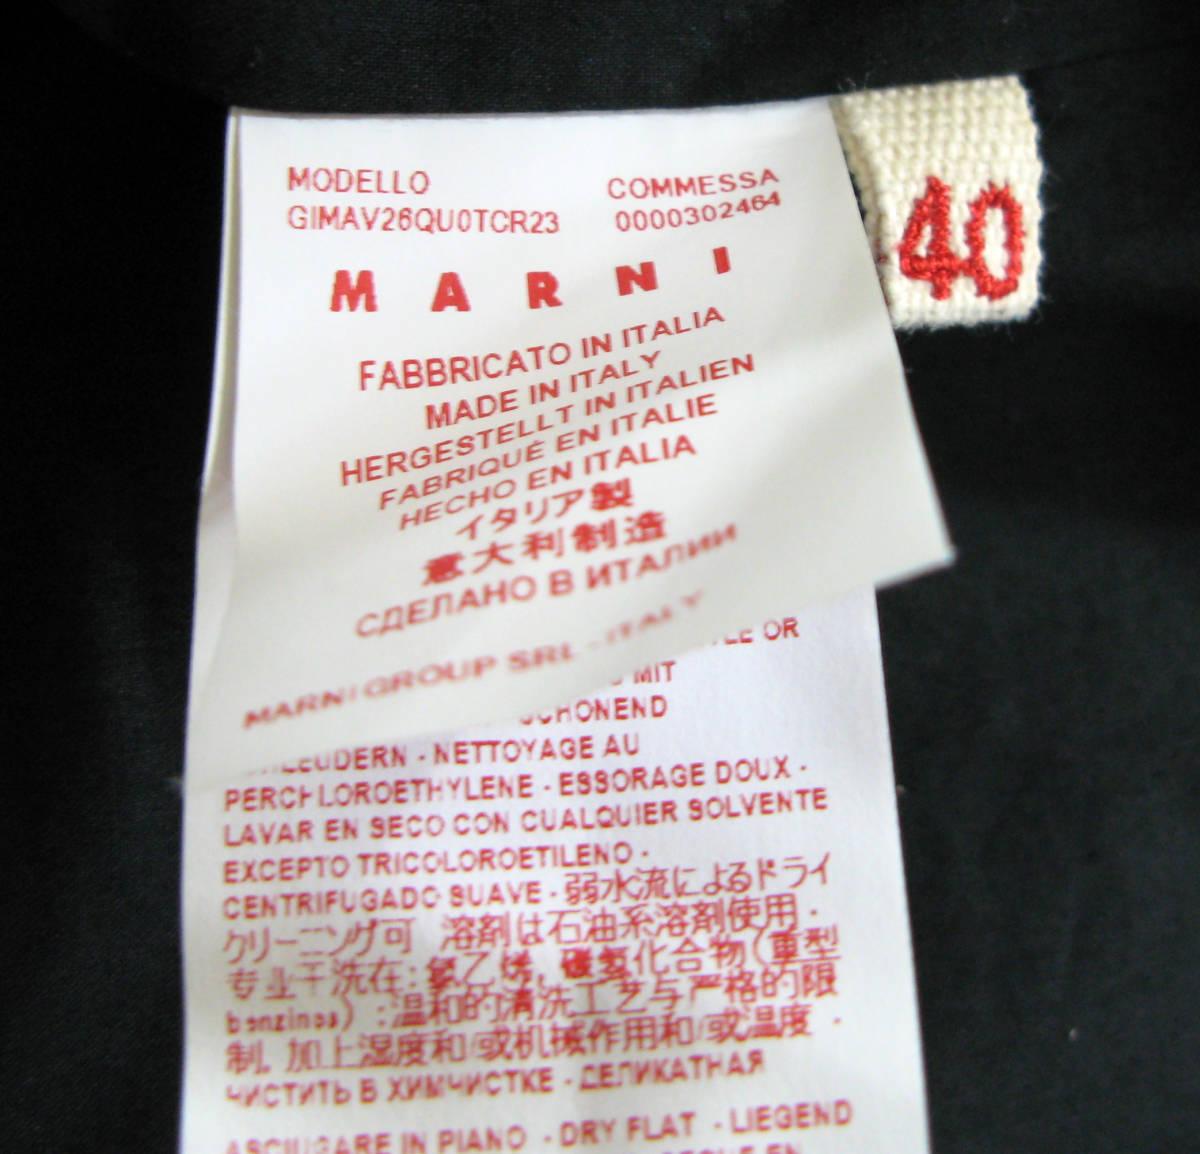 マルニ MARNI:綿/麻混紡素材 ジャケット 紺 40 ( jacket ブルゾン _画像7